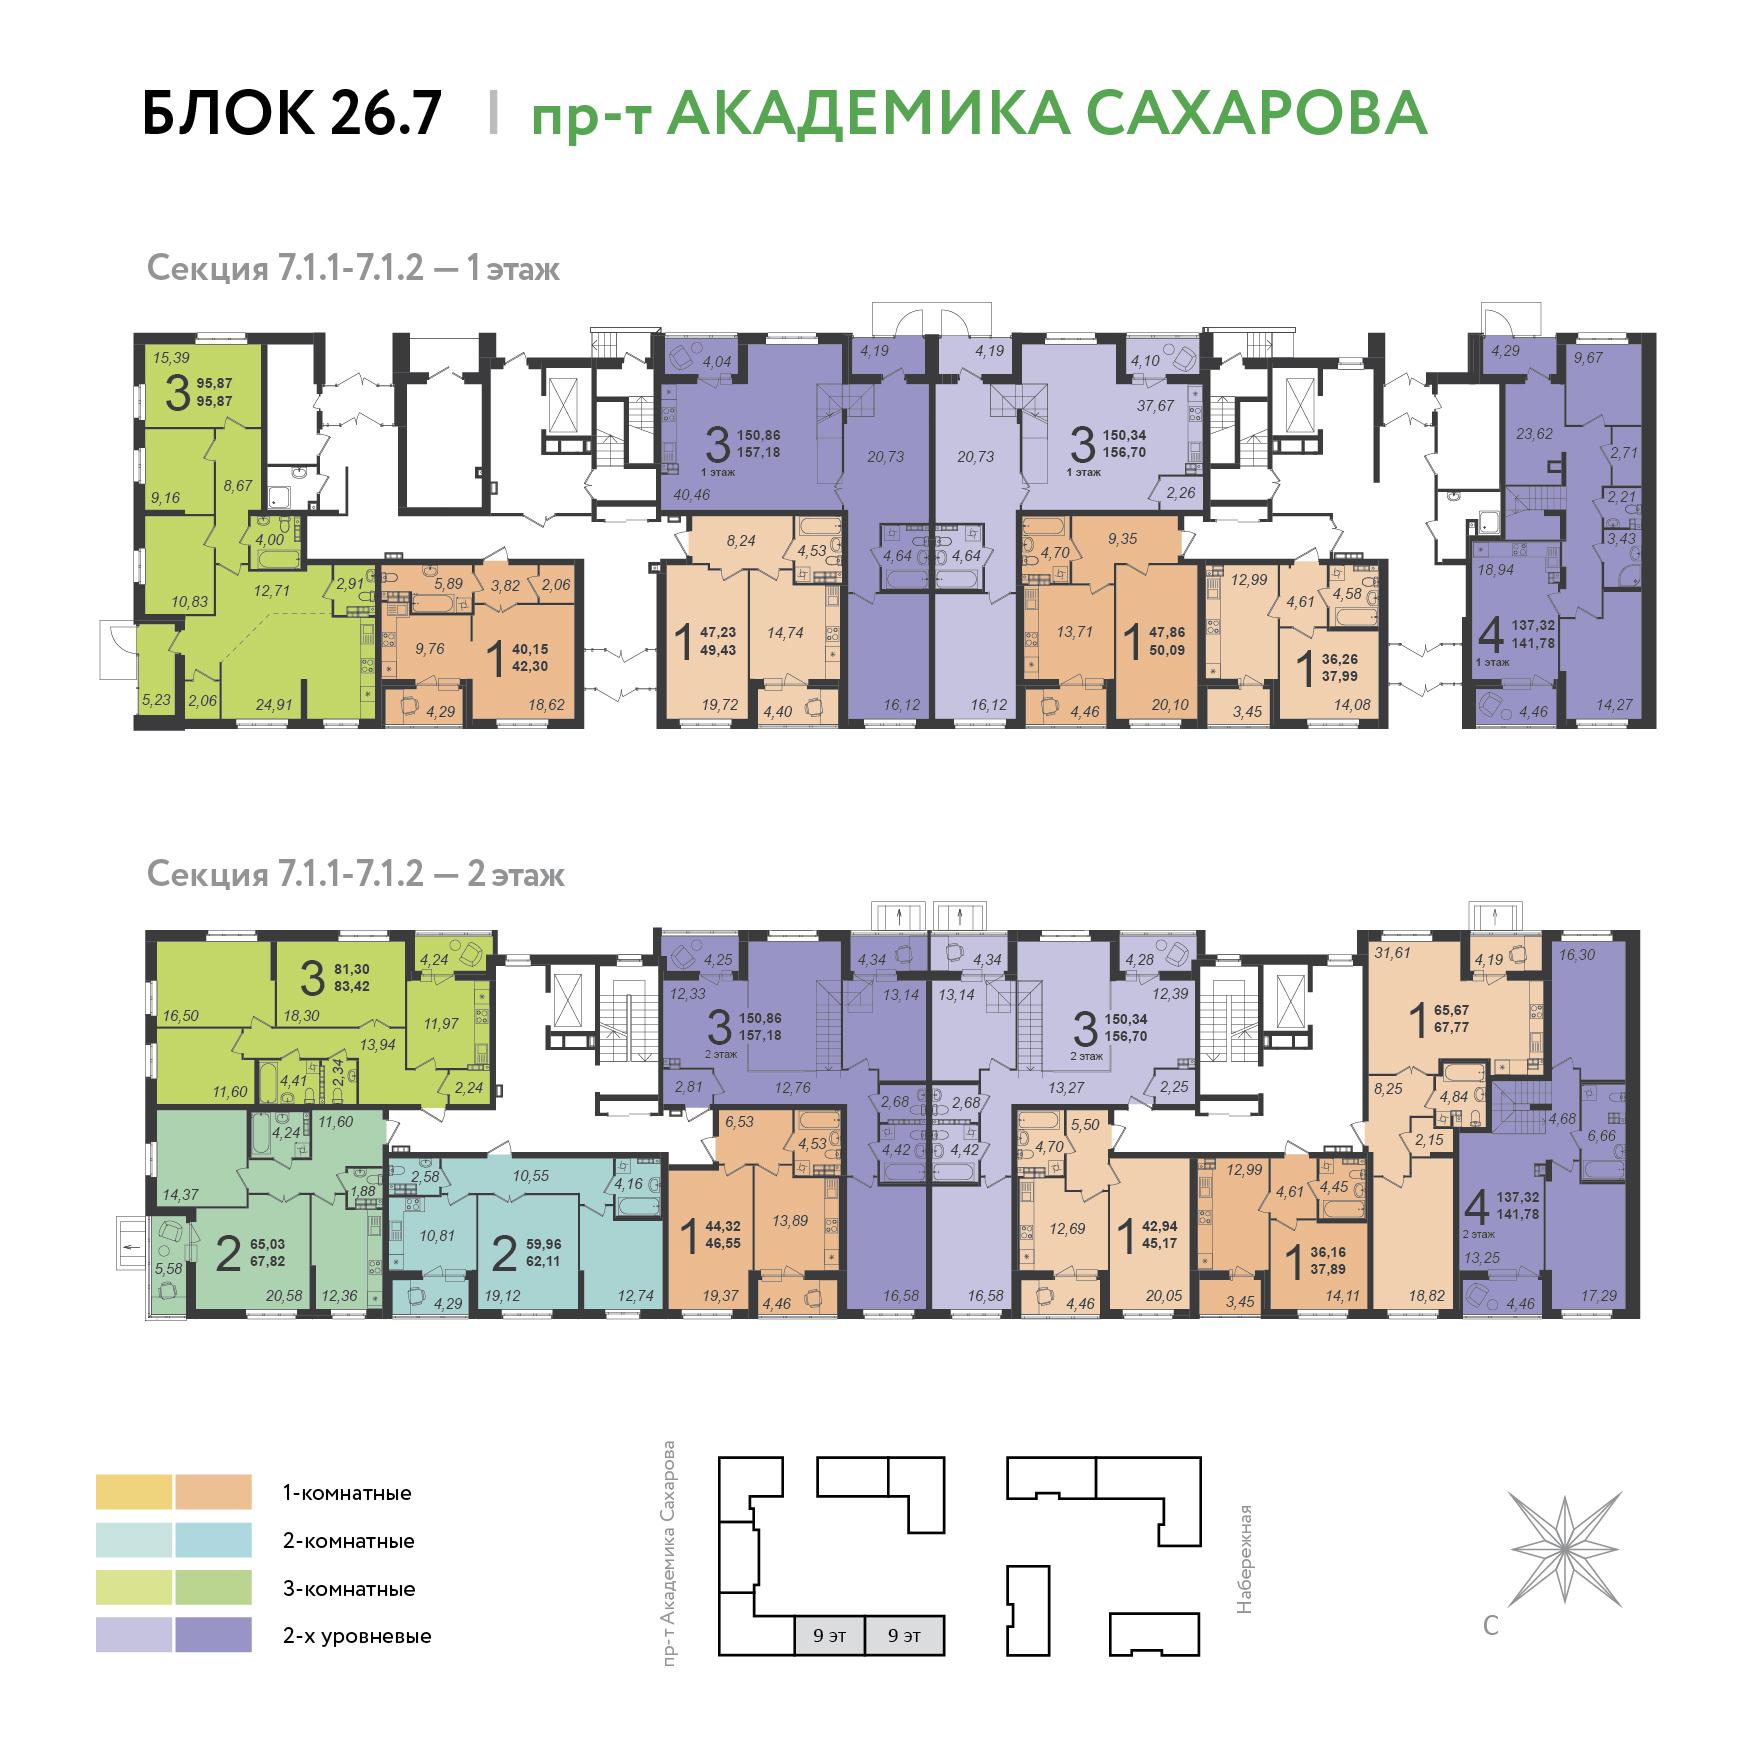 Функциональные планировки, правильные геометрические формы комнат для удобной расстановки мебели